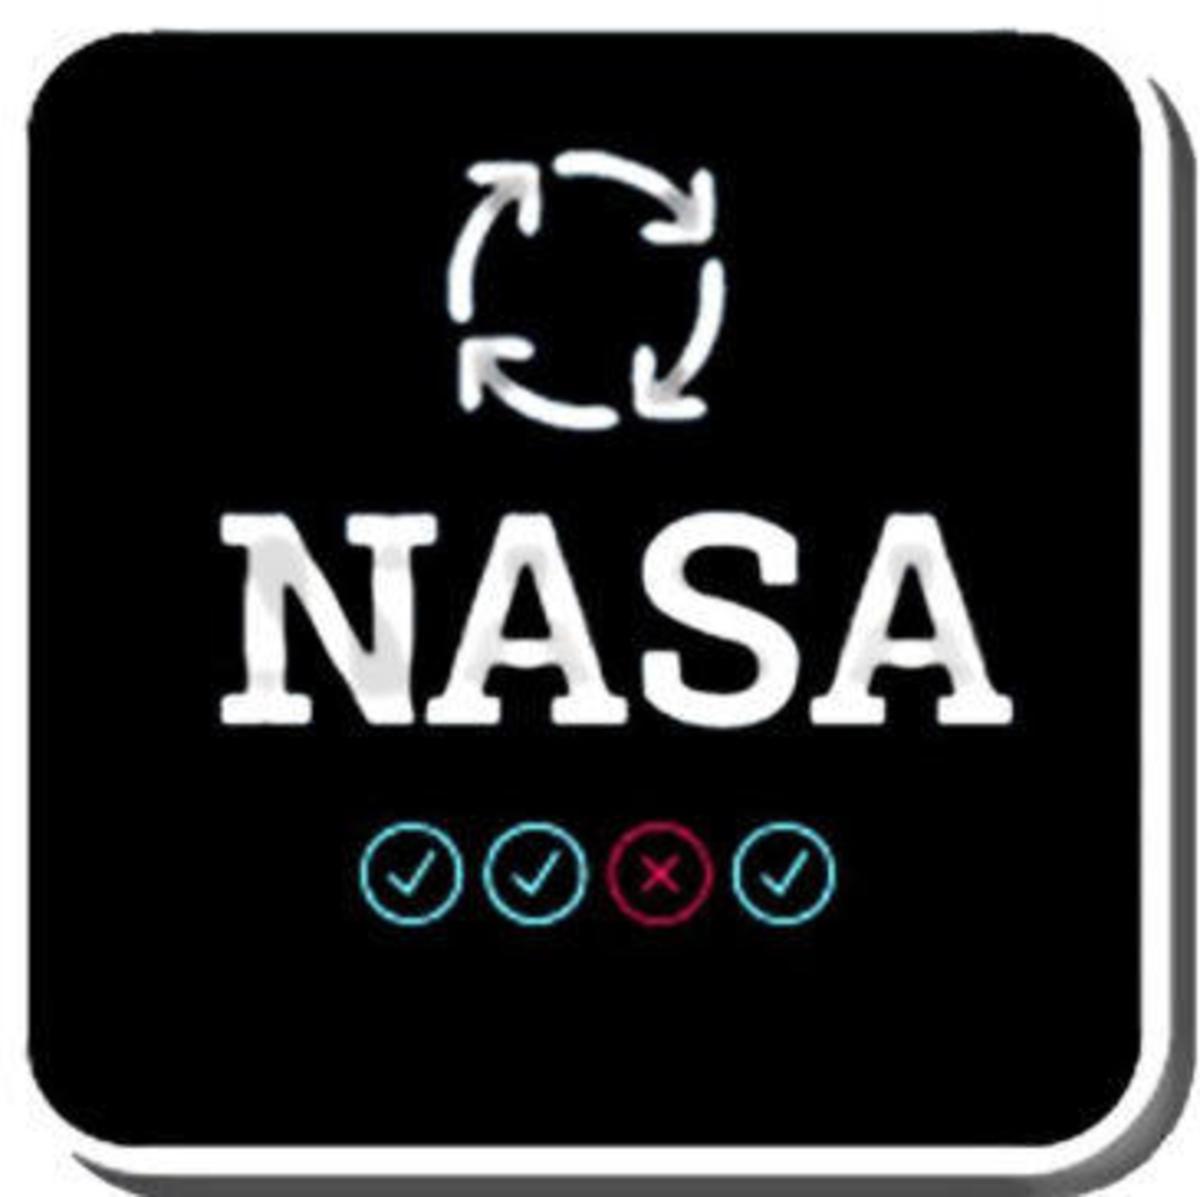 navico_nasa_logo_aPanbo.jpg